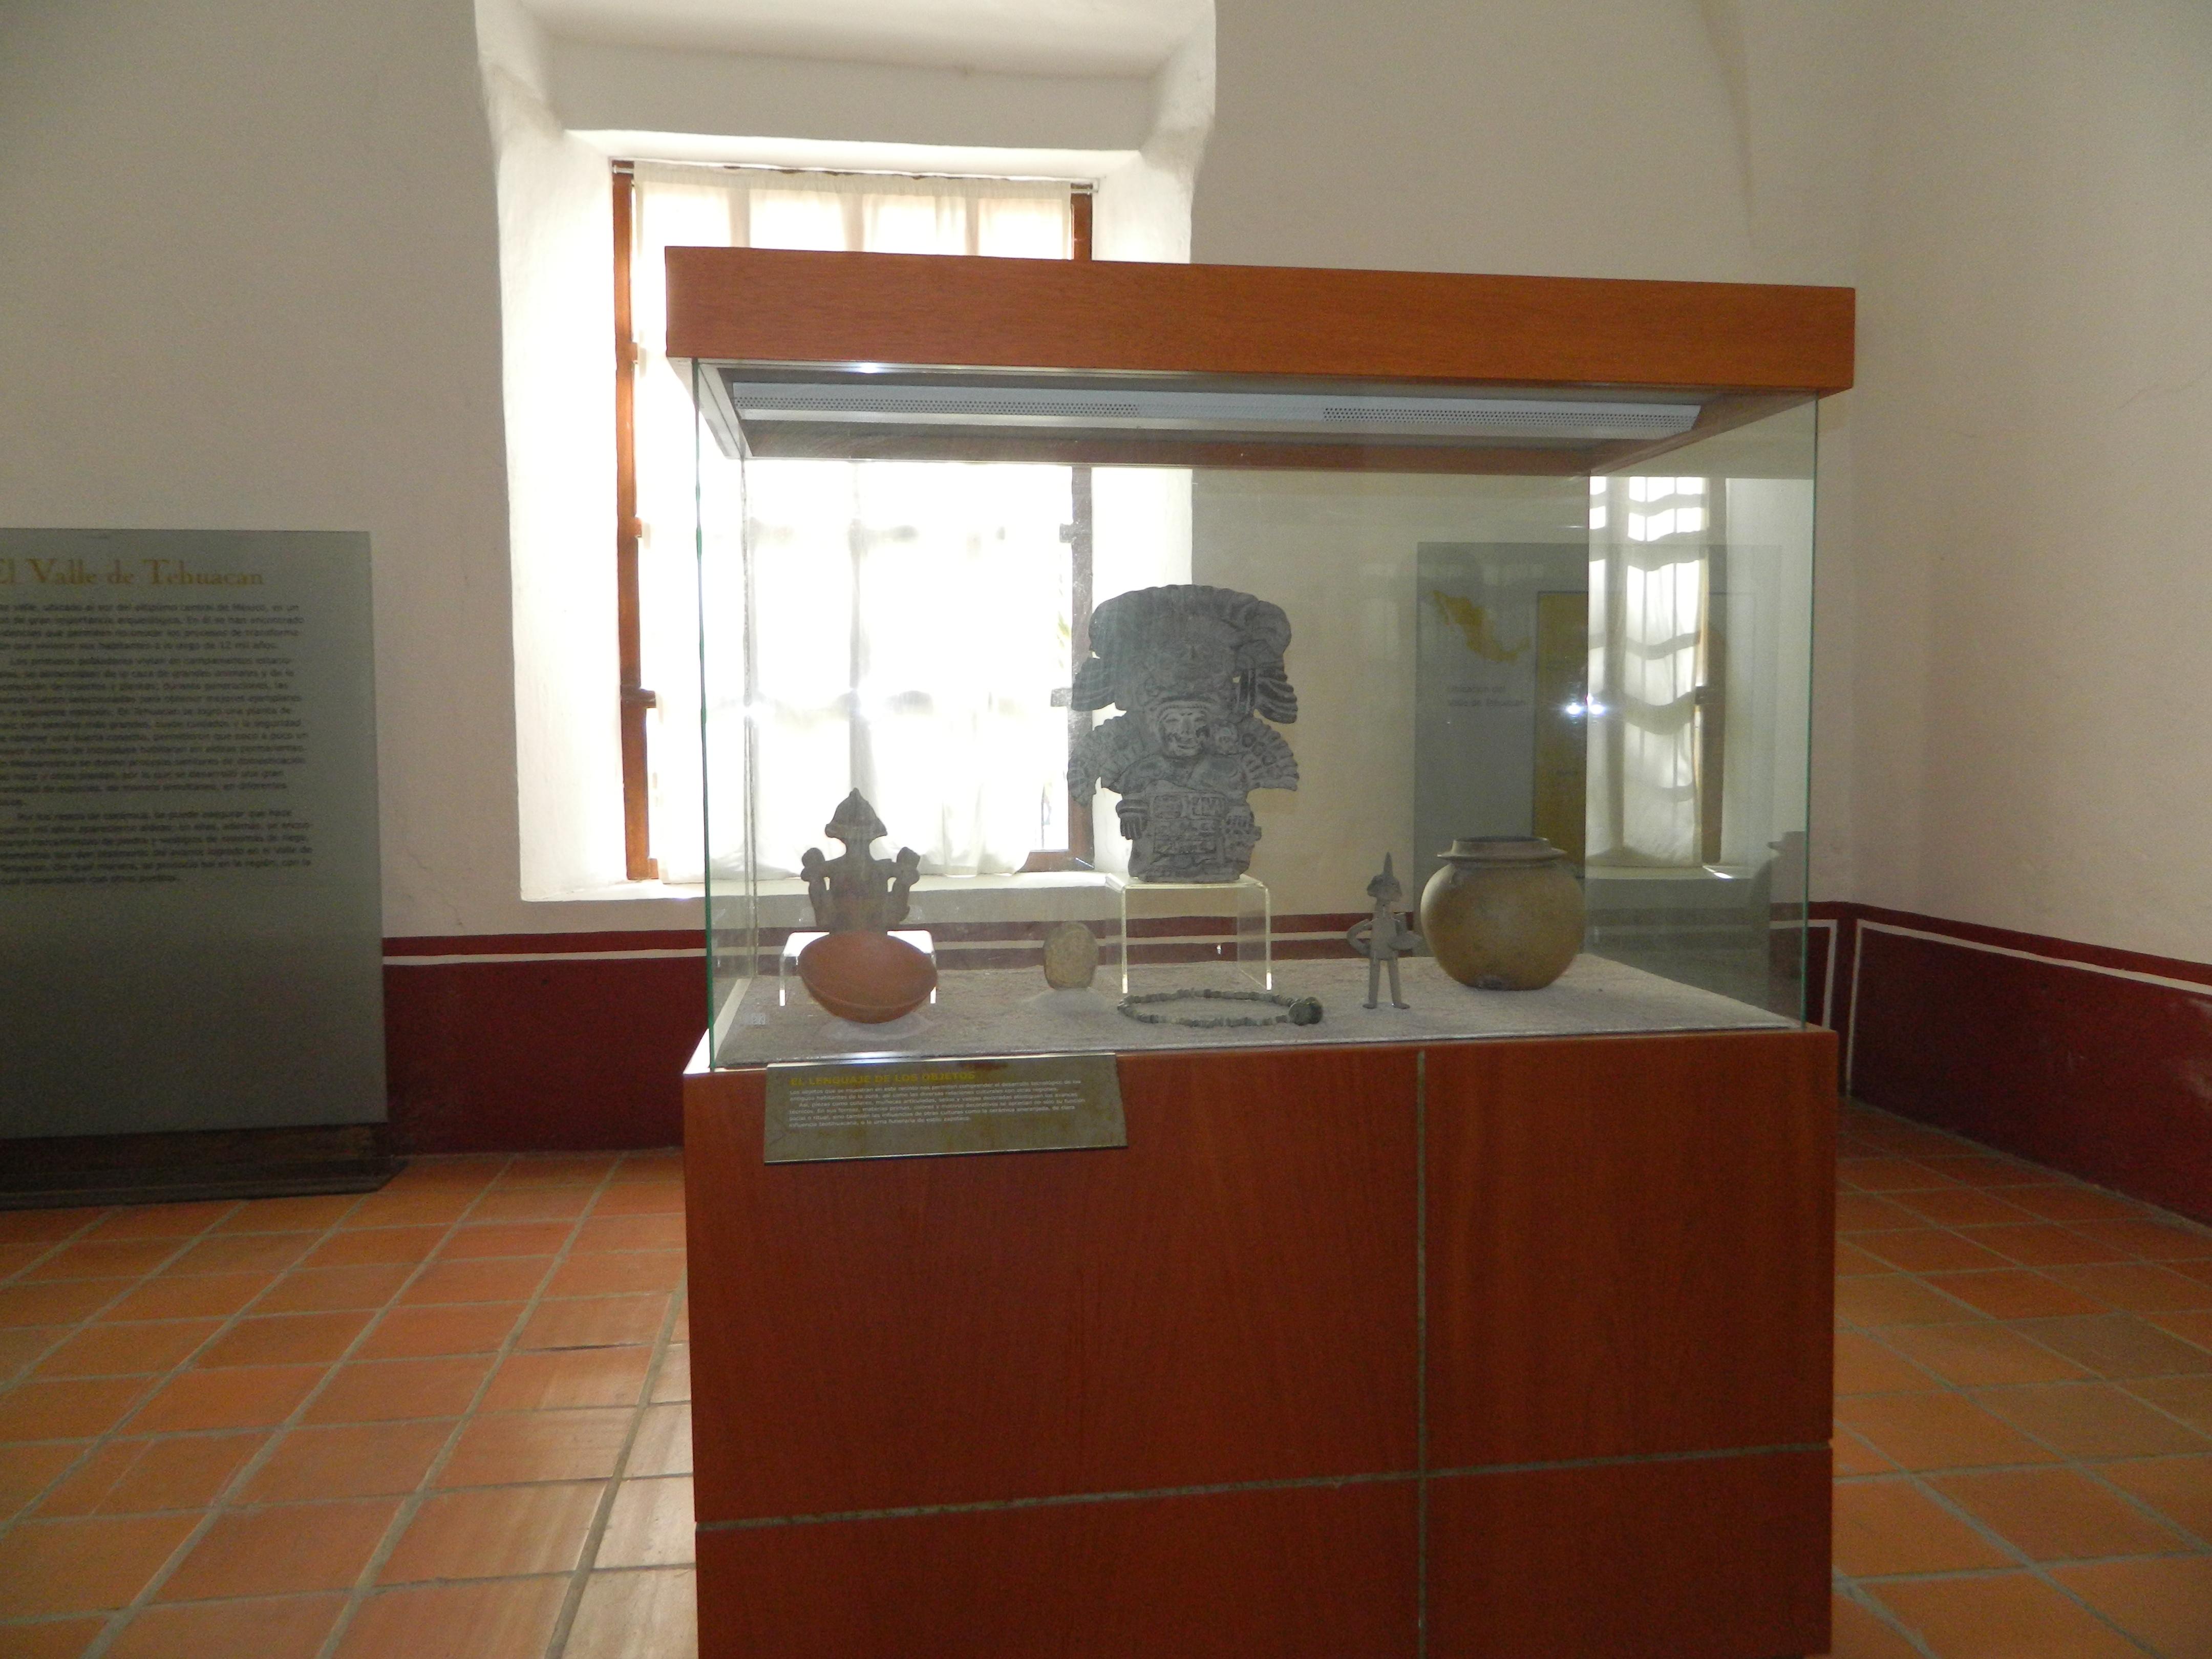 Esmeraldas colombianas se exhibirán en el Museo de Mineralogía